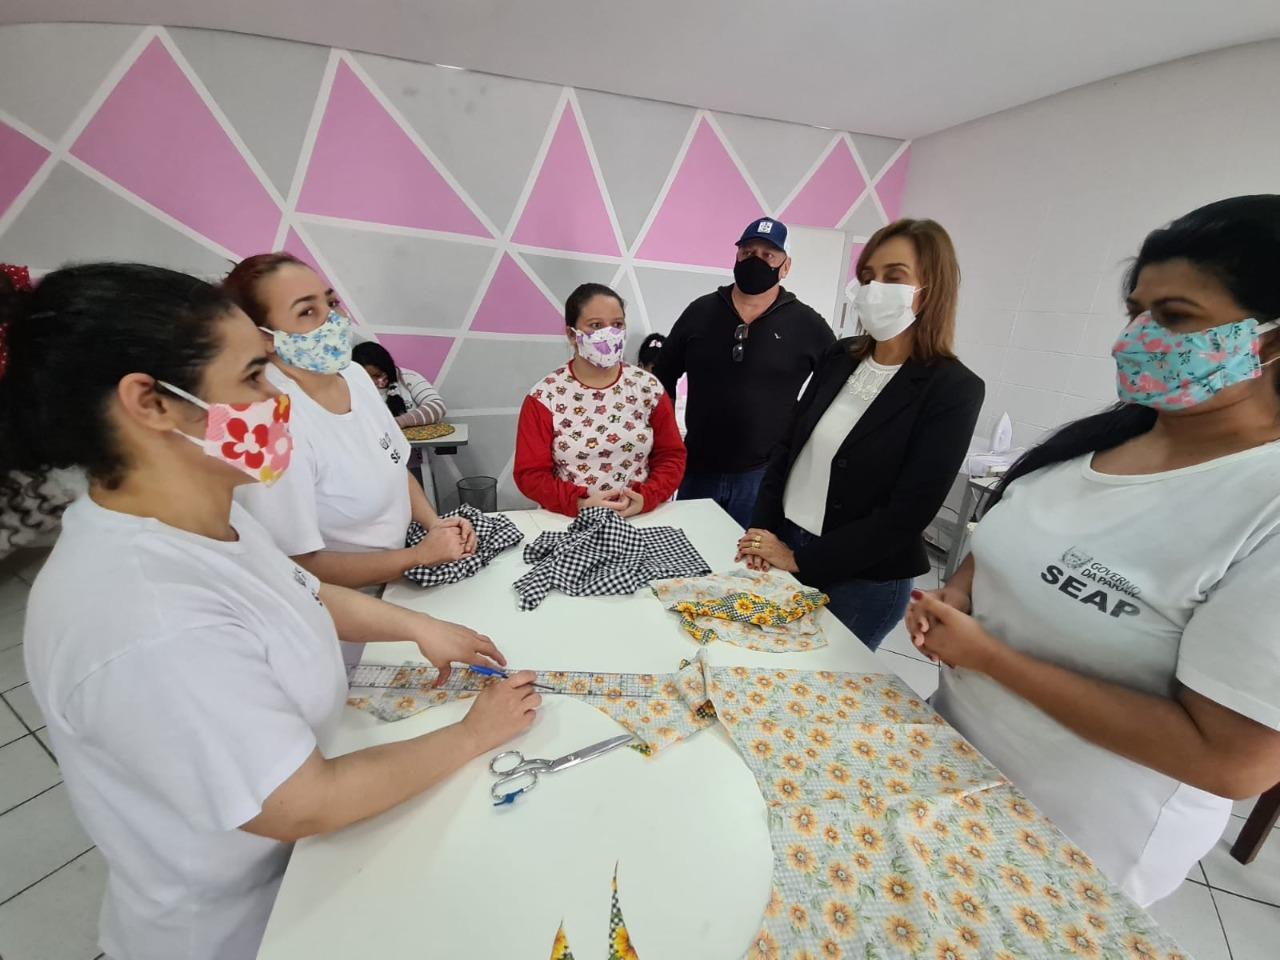 WhatsApp Image 2021 07 27 at 18.47.34 2 - Secretária Ana Cláudia visita projeto no Presídio Feminino de Campina Grande denominado 'Castelo de Bonecas'